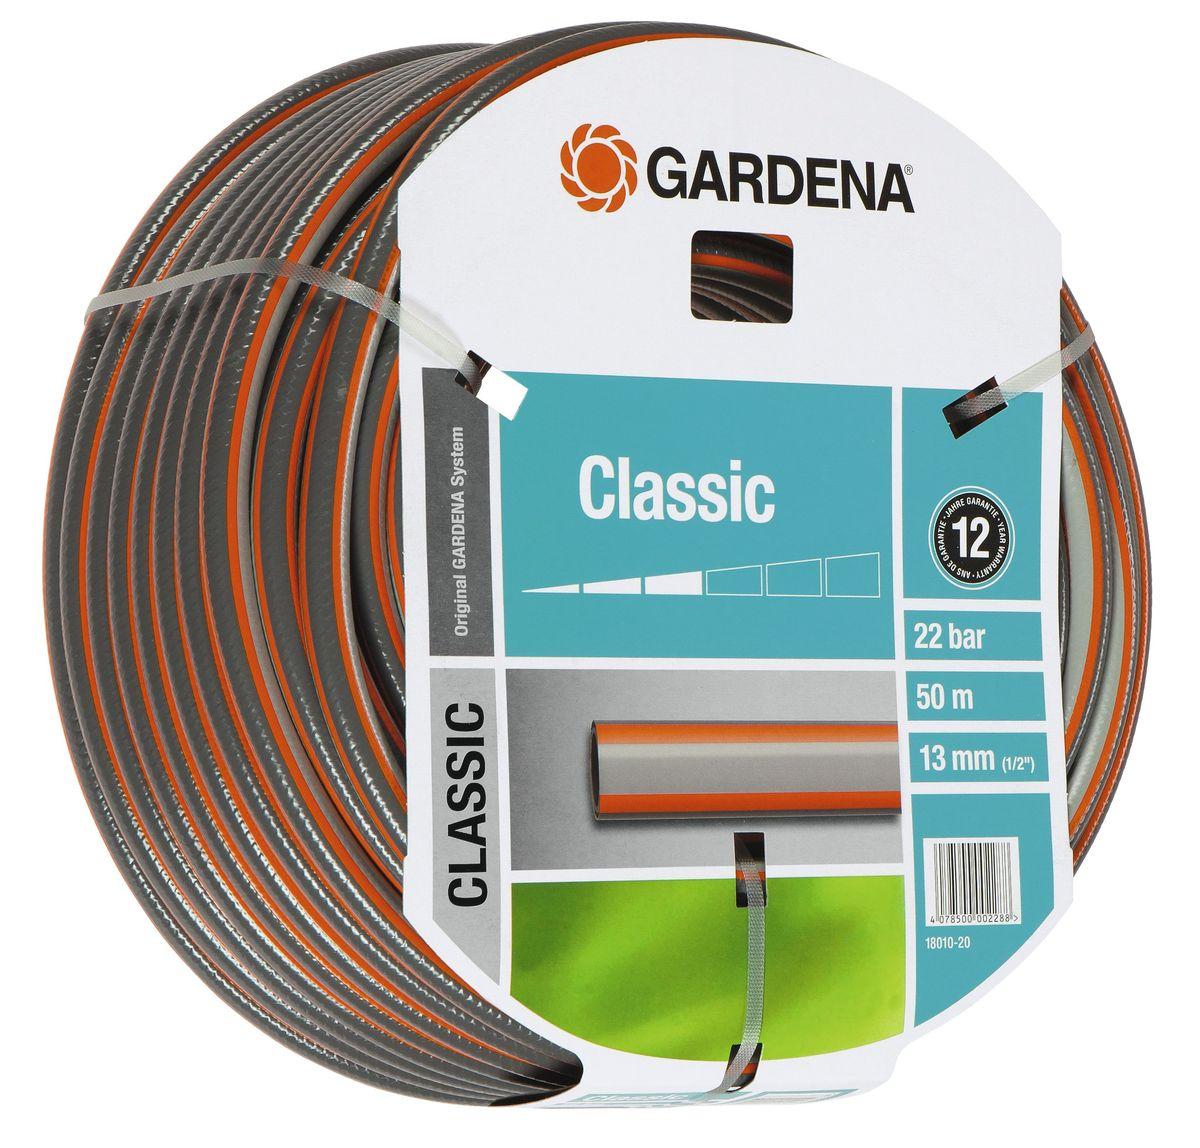 Шланг Gardena Classic, 13 мм (1/2) х 50 м18010-20.000.00Шланг Gardena Classic, прекрасно сохраняет свою форму благодаря высококачественному текстильному армированию, отсутствуют фталаты и тяжелые металлы, невосприимчив к УФ-излучению. Шланг не перегибается, не спутывается, не перекручивается, благодаря спиралевидному текстильному армированию, усиленному углеродными волокнами. Шланг Gardena Classic оптимально сочетается с компонентами базовой системы полива. Идеально подходит для умеренной интенсивности использования. Шланг Gardena Classic выполнен из высококачественного ПВХ и выдерживает давление до 22 бар. Толстые стенки шланга и высококачественные материалы обеспечивают длительный срок службы.